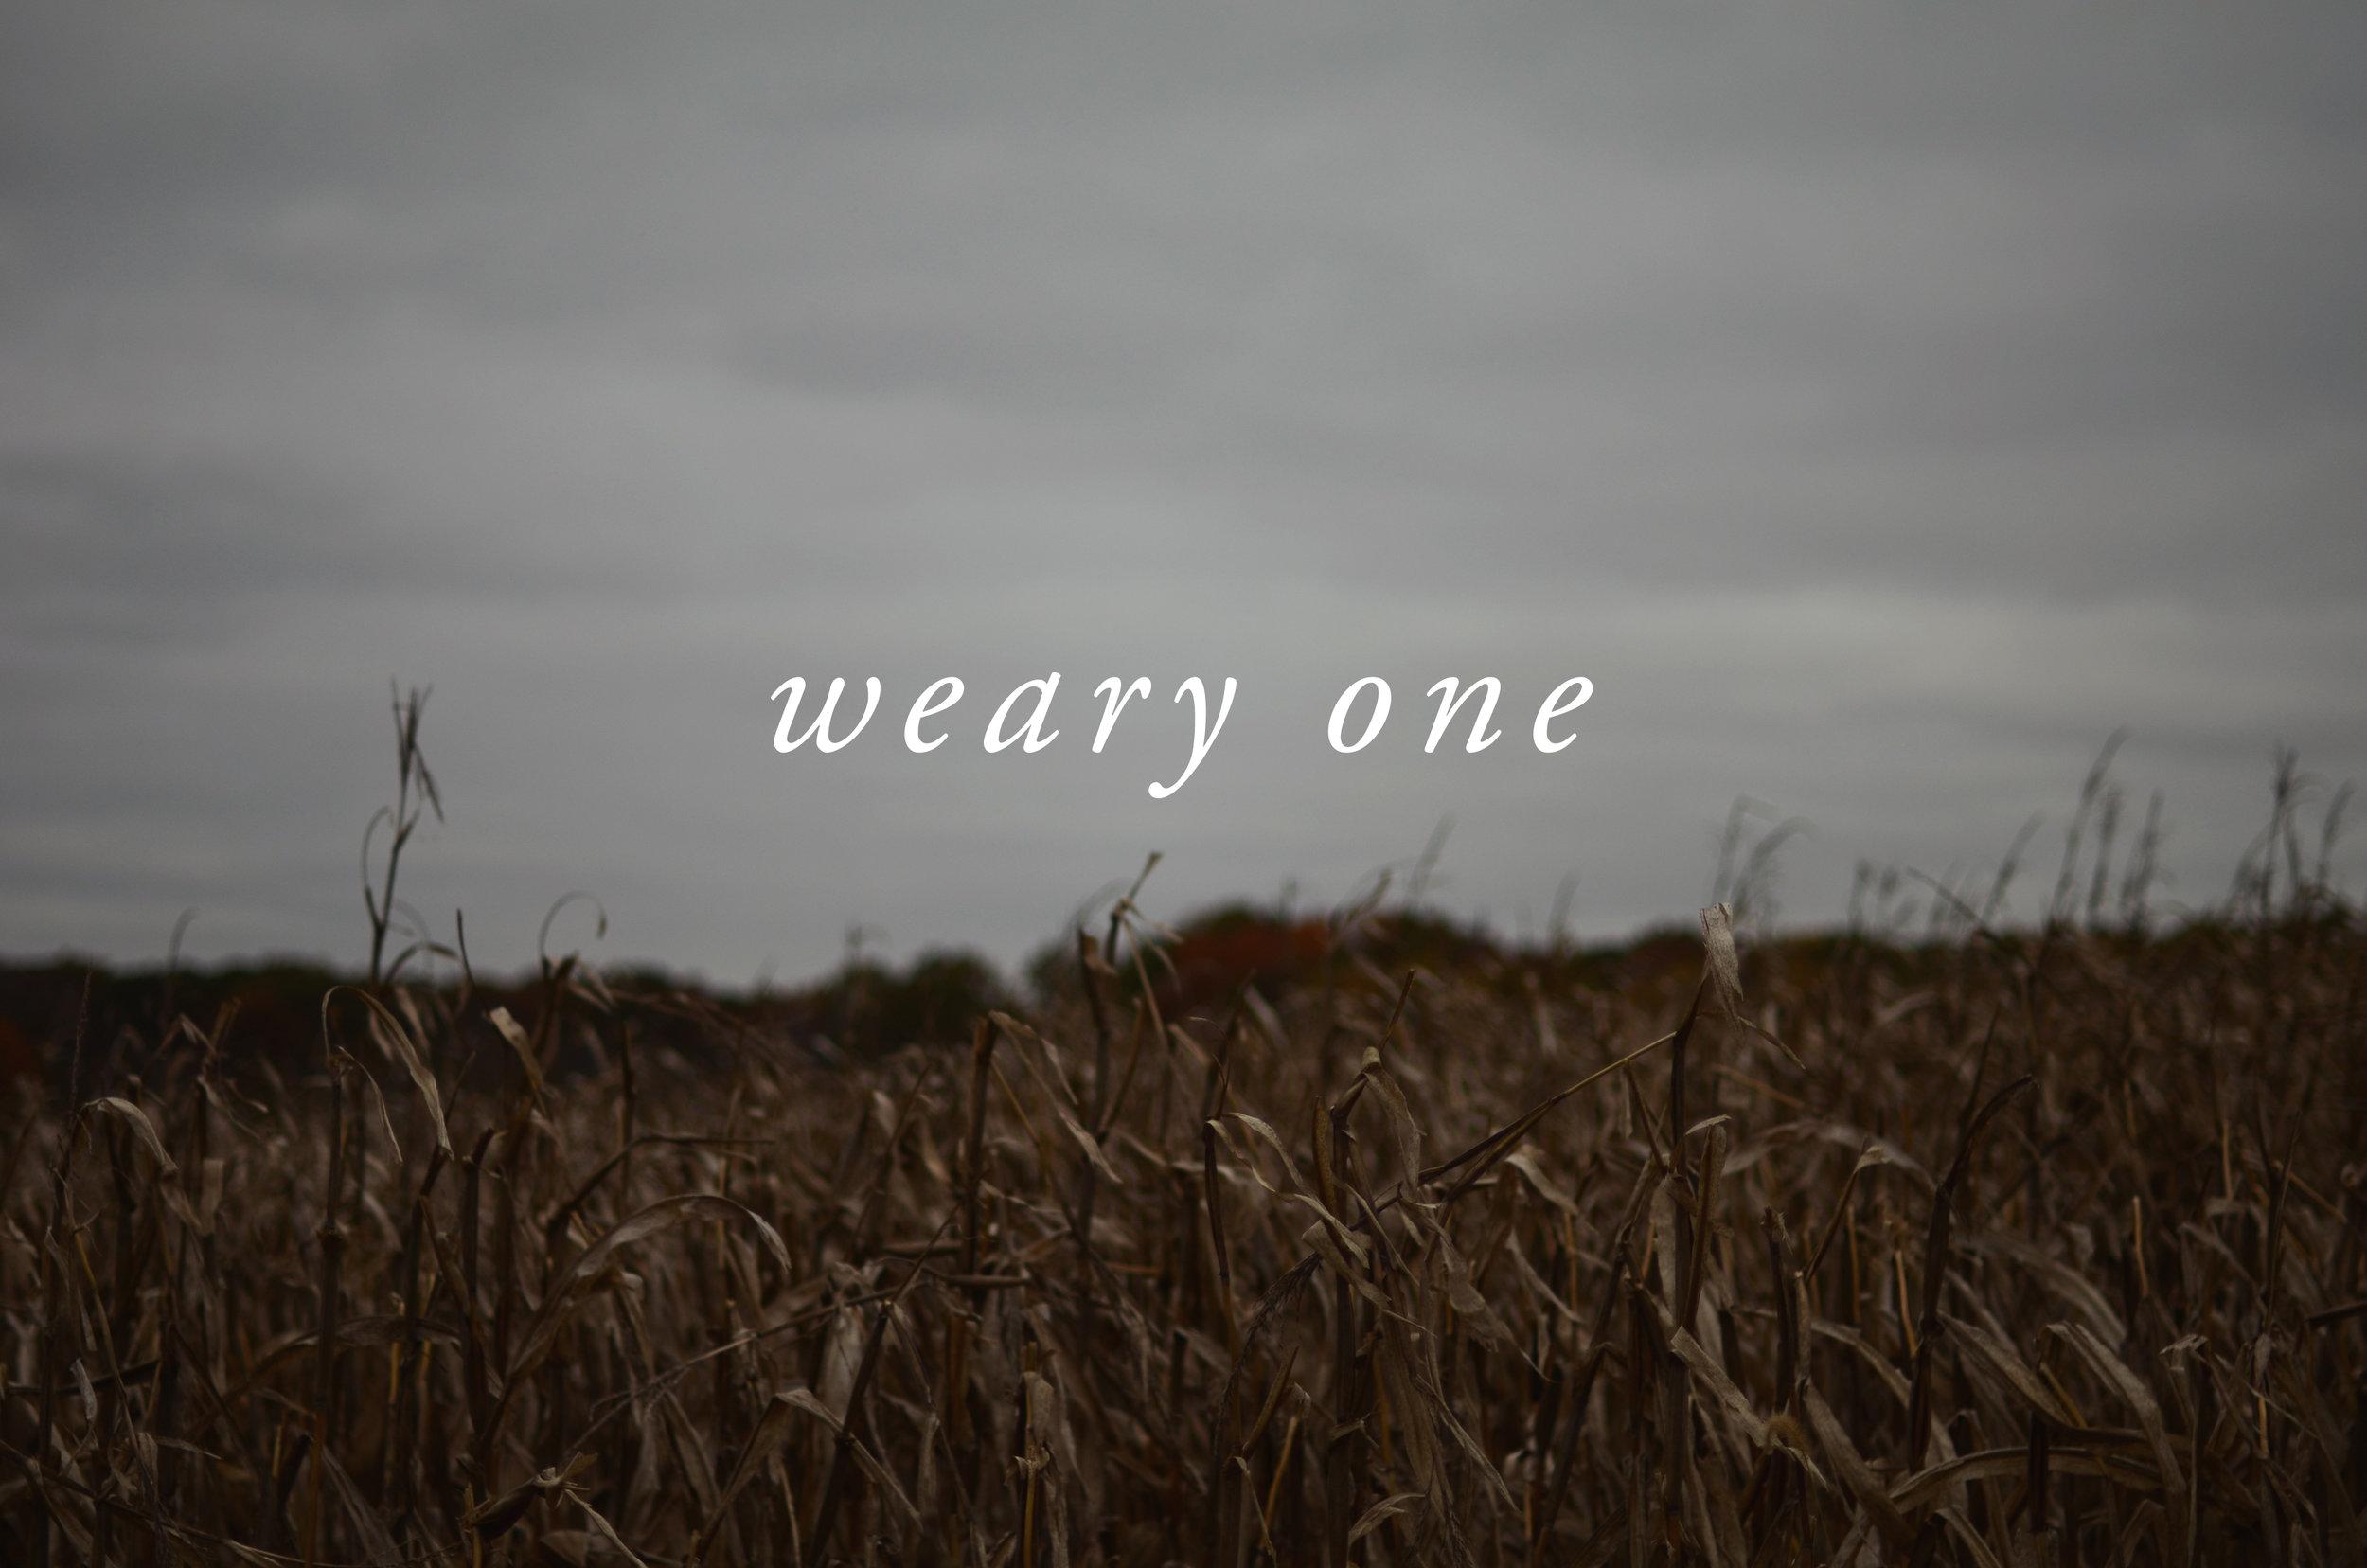 weary one.jpg